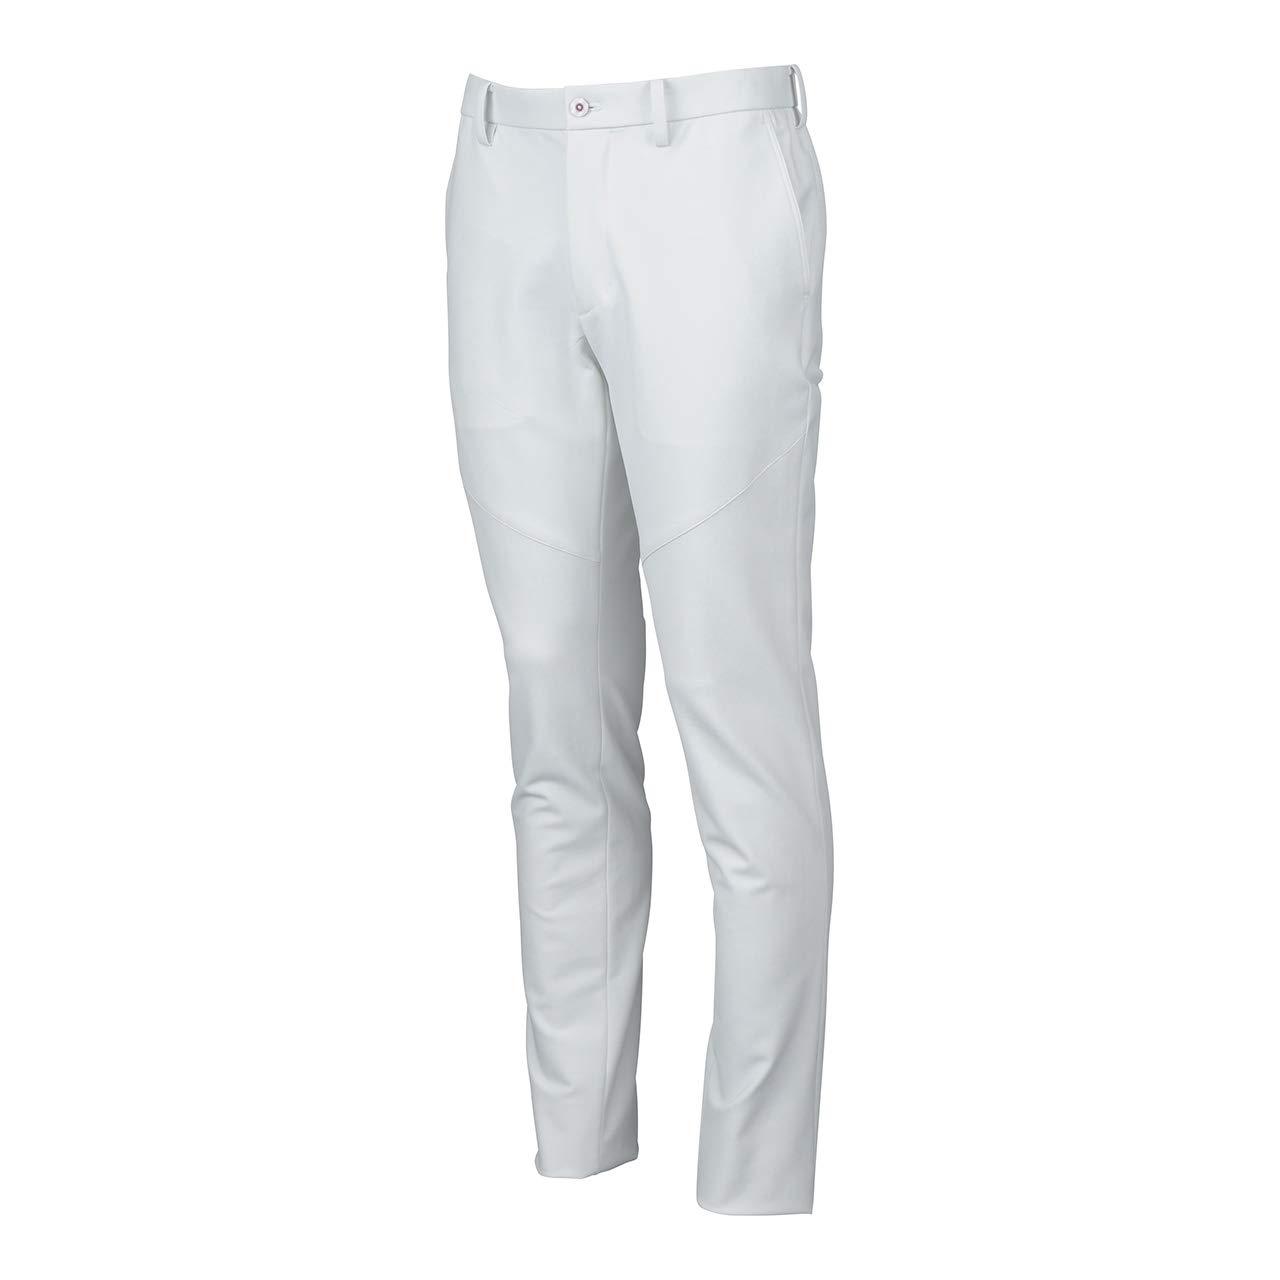 マンシングウェア(Munsingwear) パンツ JWMK813 N921 オフホワイト 92 B076DXYXDD